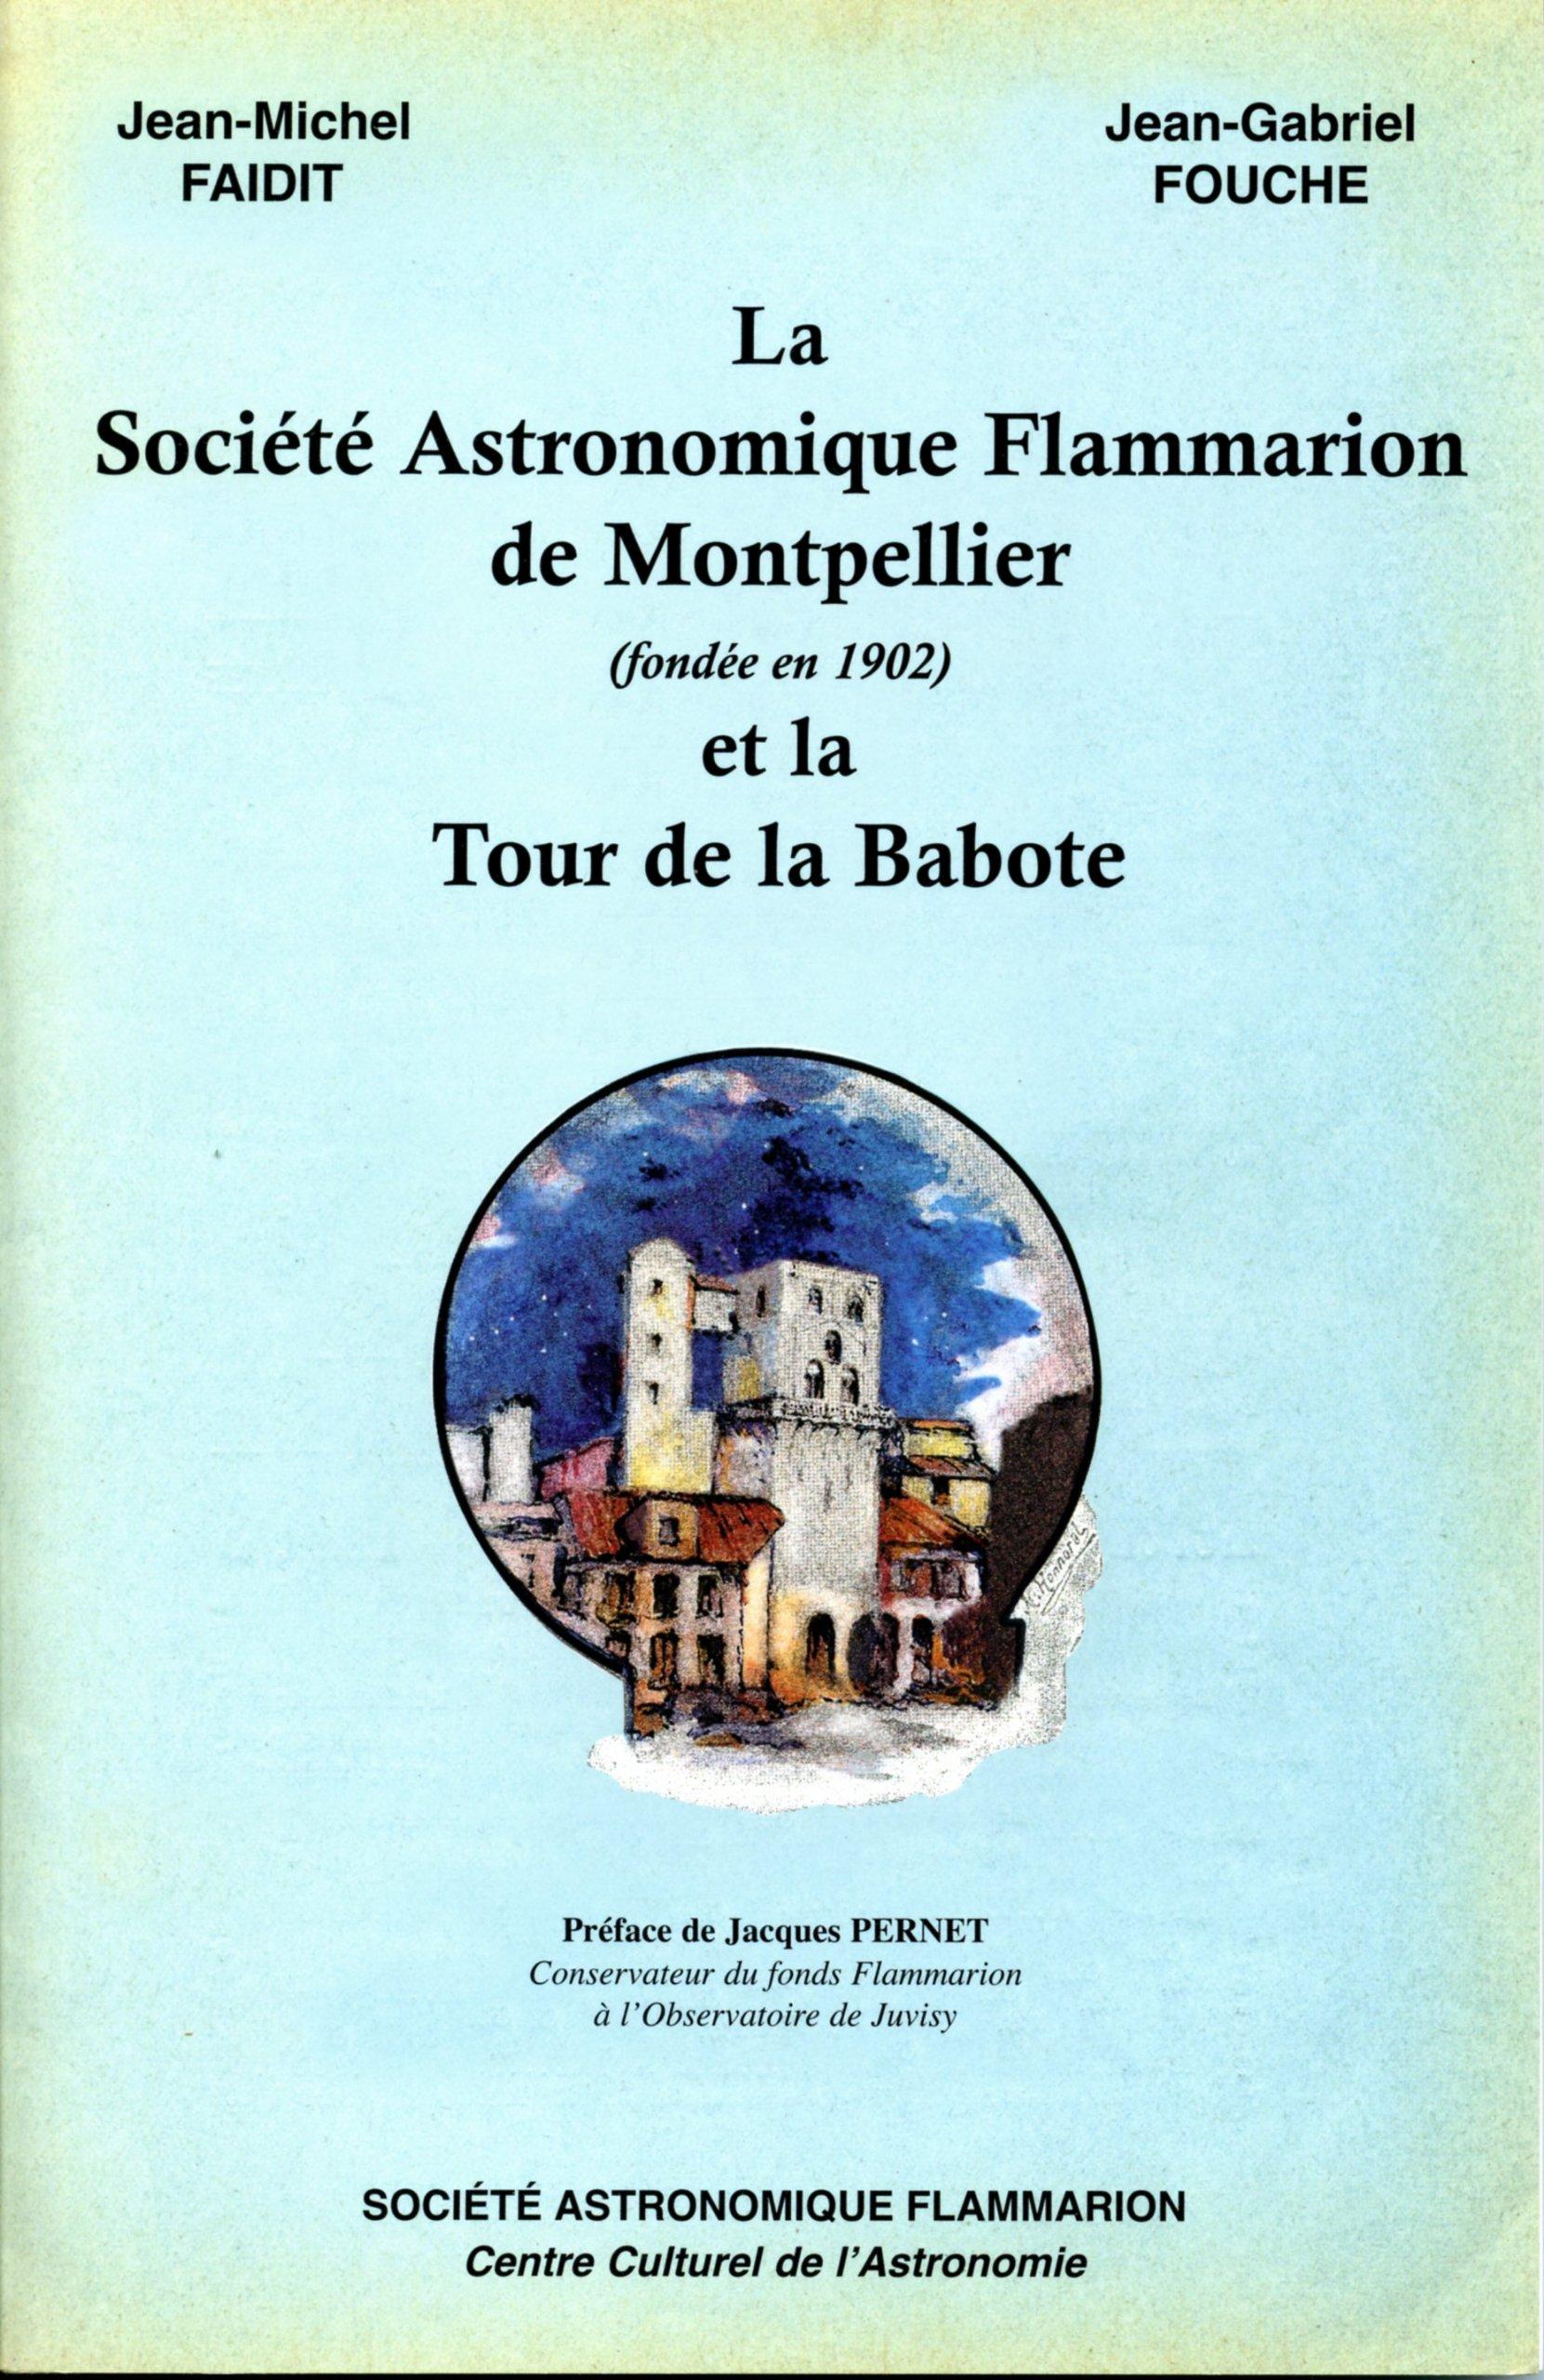 La Société Astronomique Flammarion de Montpellier (fondée en 1902) et la Tour de la Babote | Faidit, Jean-Michel